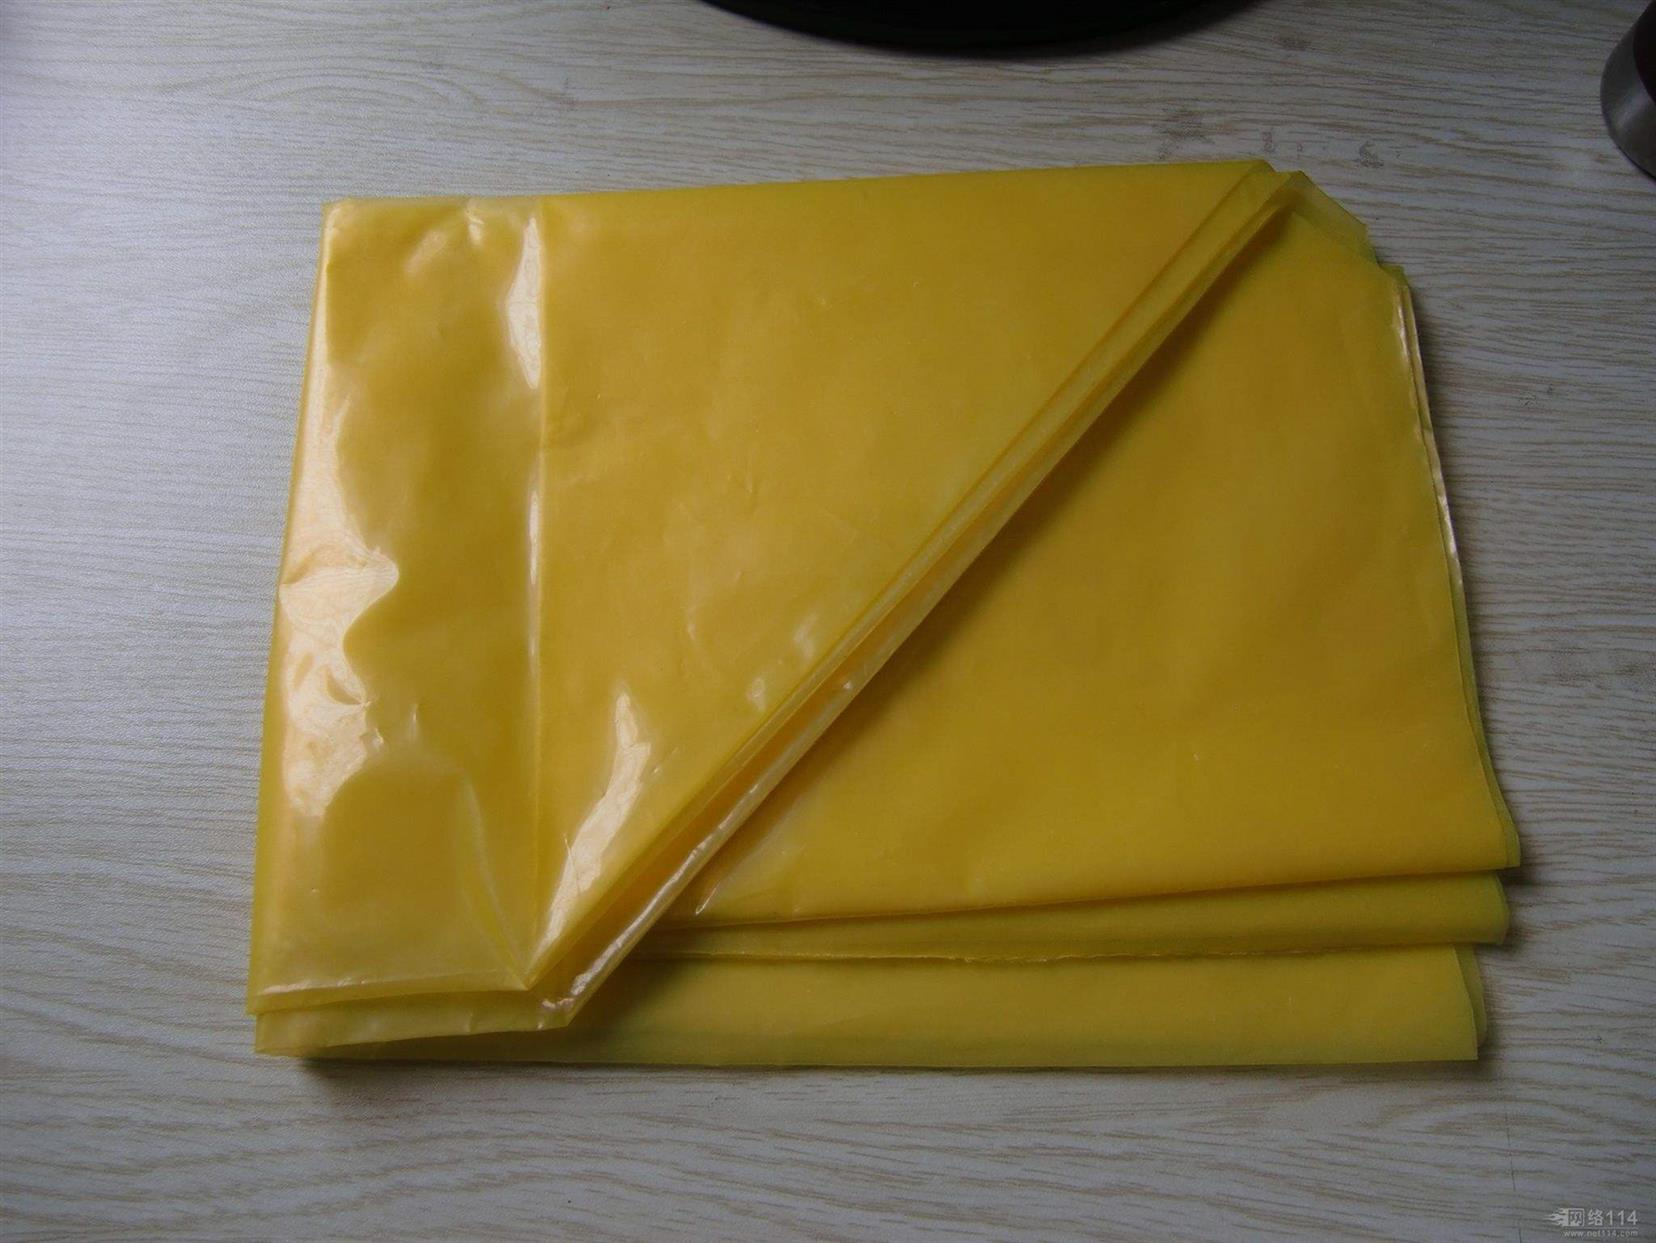 天津防锈膜厂家 PVC塑料膜 规格齐 价格优